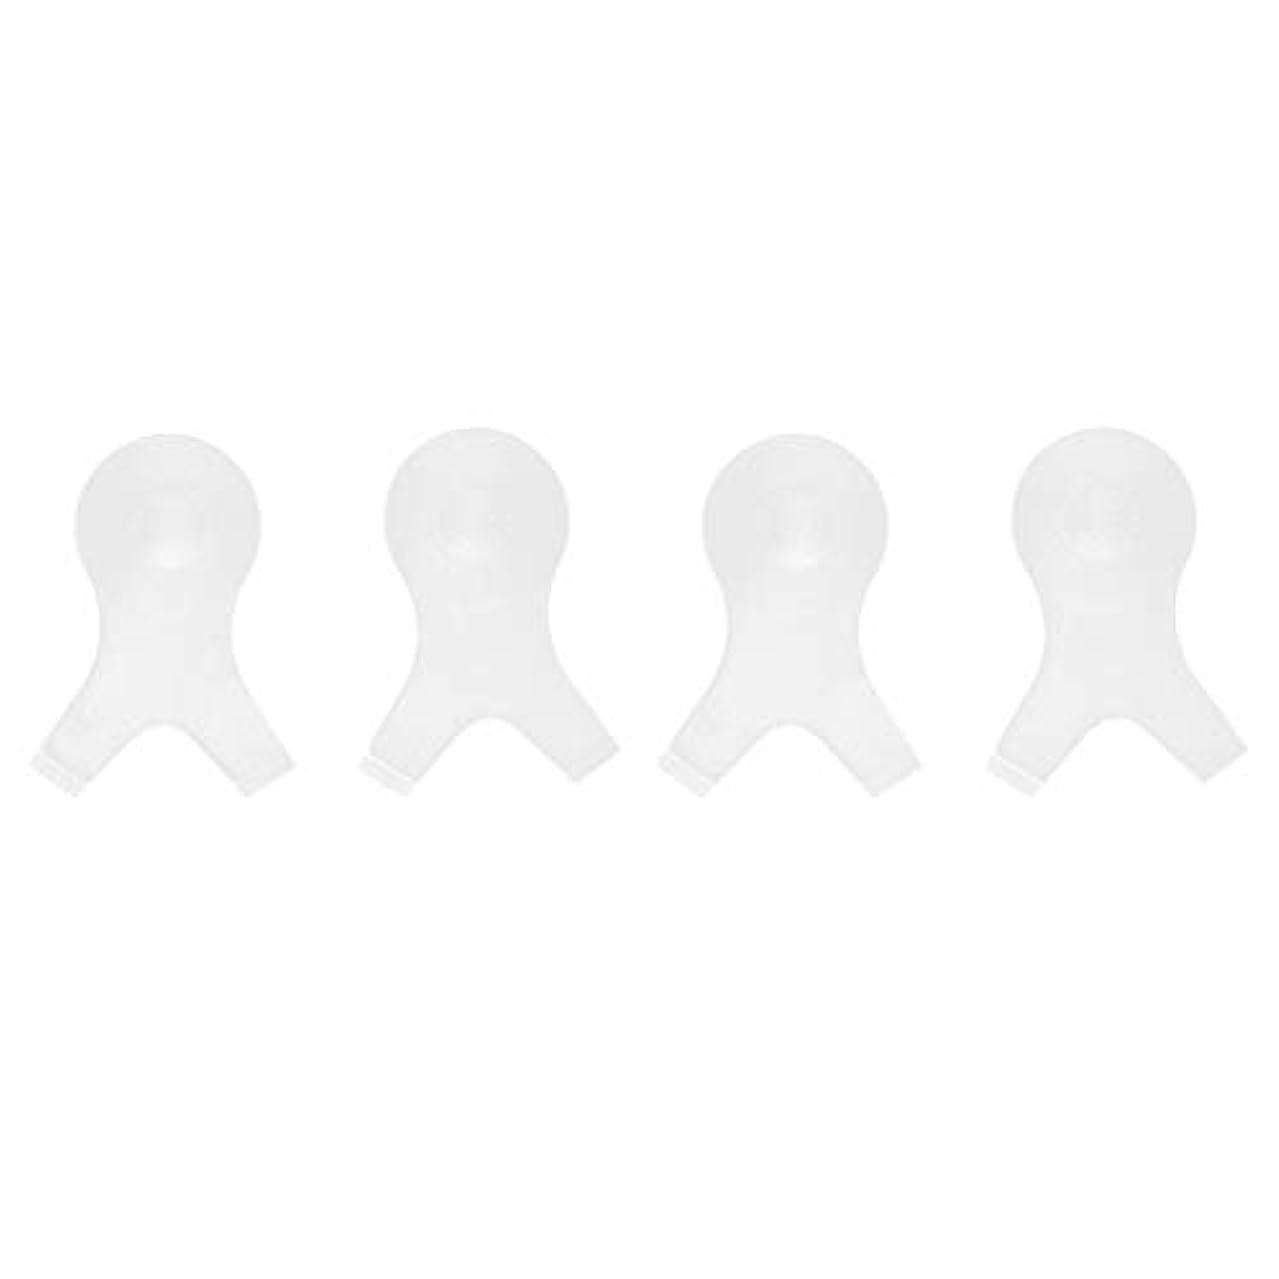 まもなく発音するリレー4個 Y字型 まつ毛パーシングブラシ まつげリフト Yシェイプブラシ アイメイク